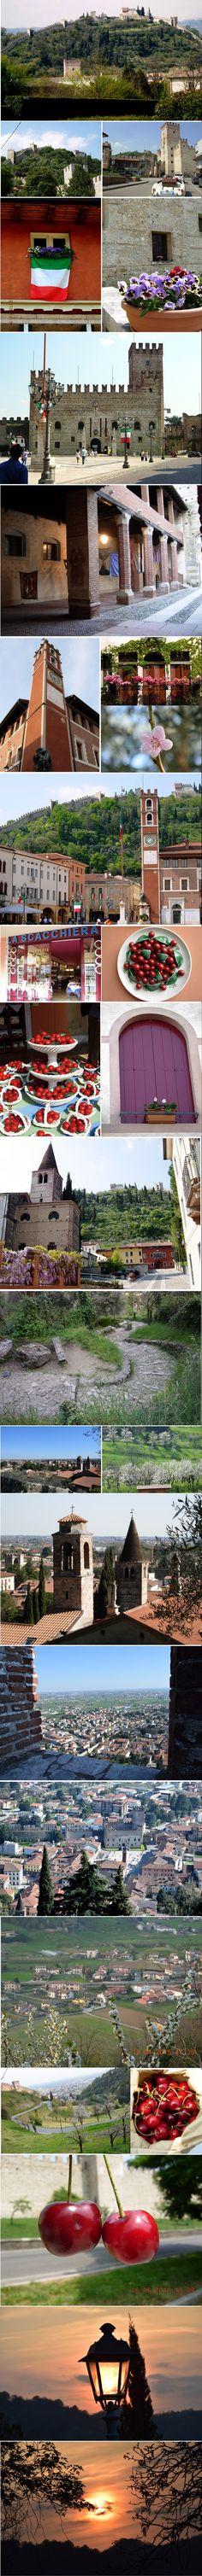 flashes de Maróstica - pequeno borgo medieval situado na província di Vicenza.